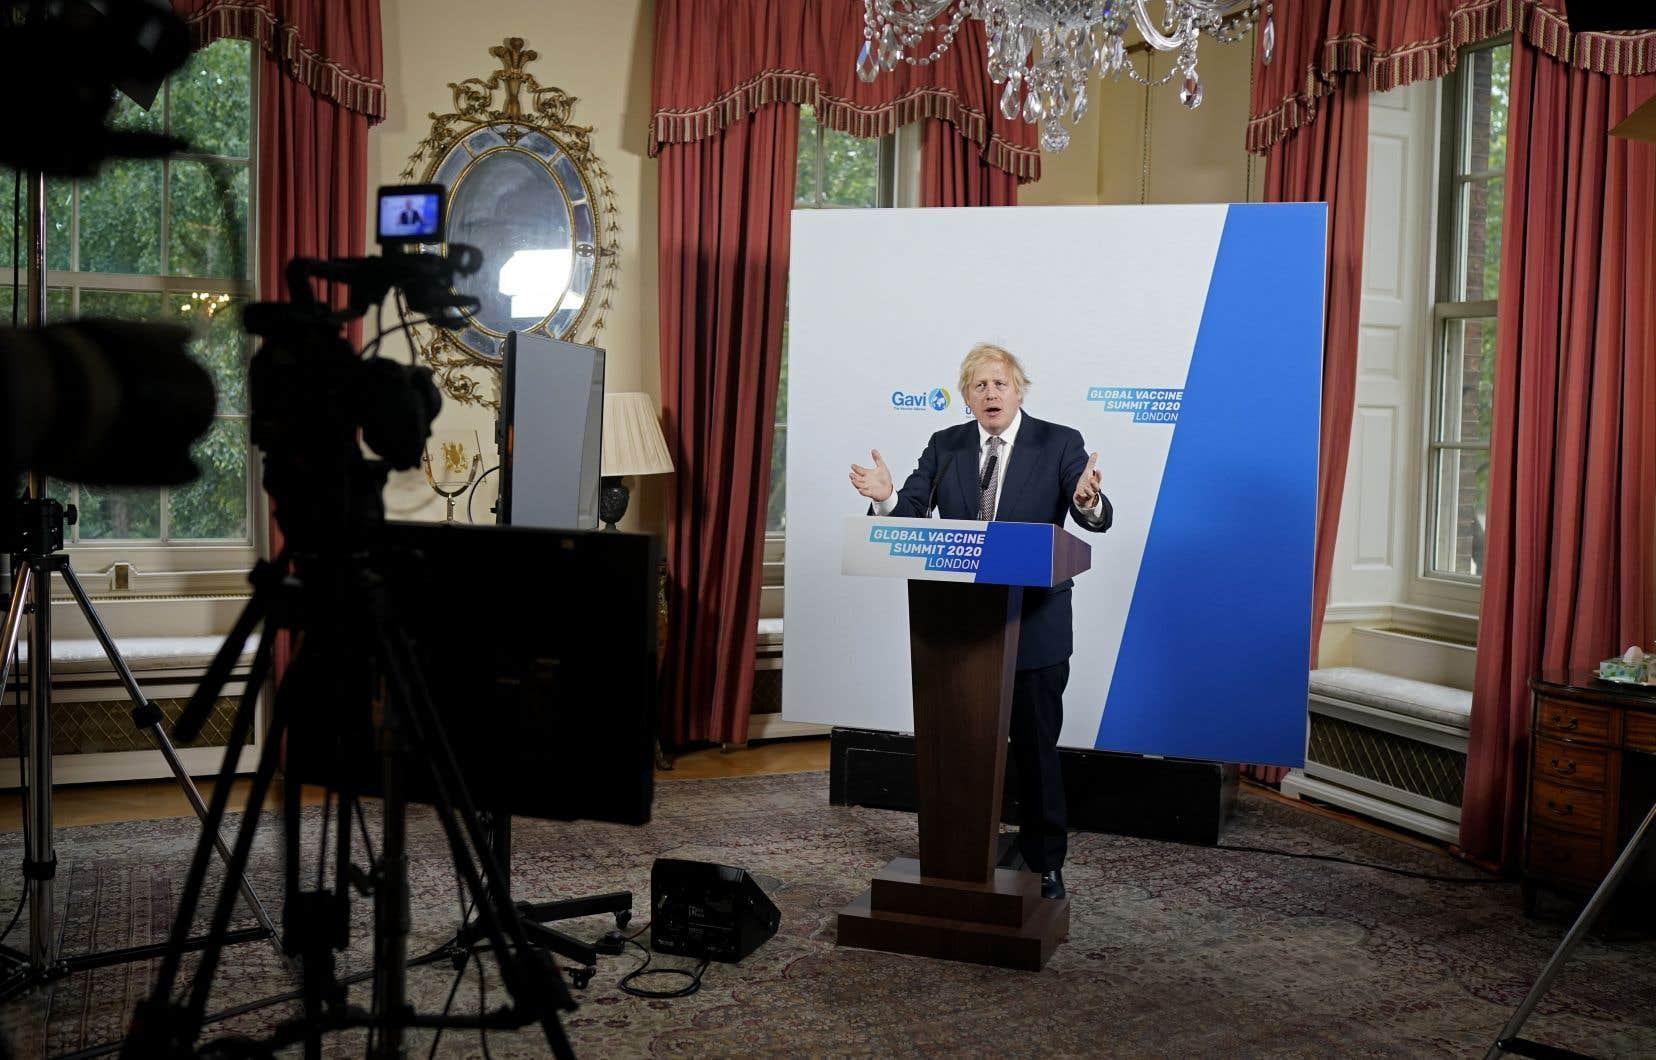 Boris Johnson avait organisé un sommet virtuel qui avait pour but de garantir aux pays pauvres un accès rapide et universel à un éventuel vaccin contre le coronavirus.